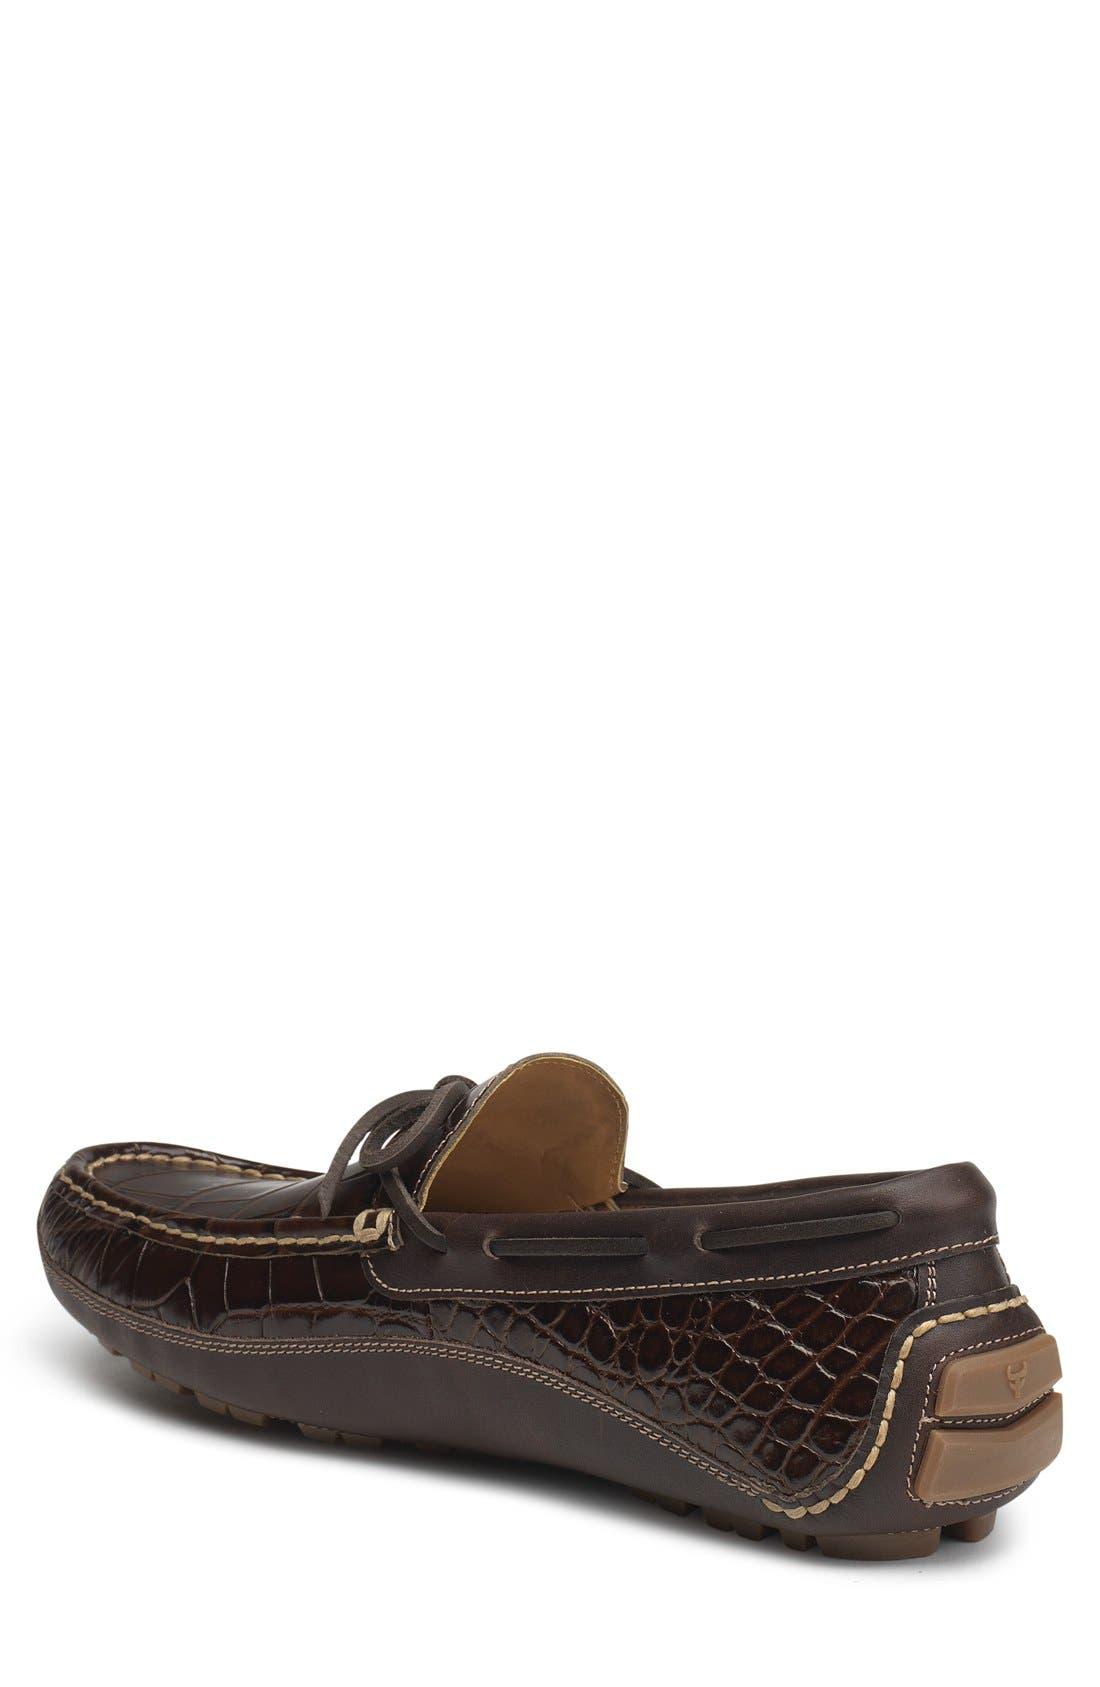 'Drake' Leather Driving Shoe,                             Alternate thumbnail 33, color,